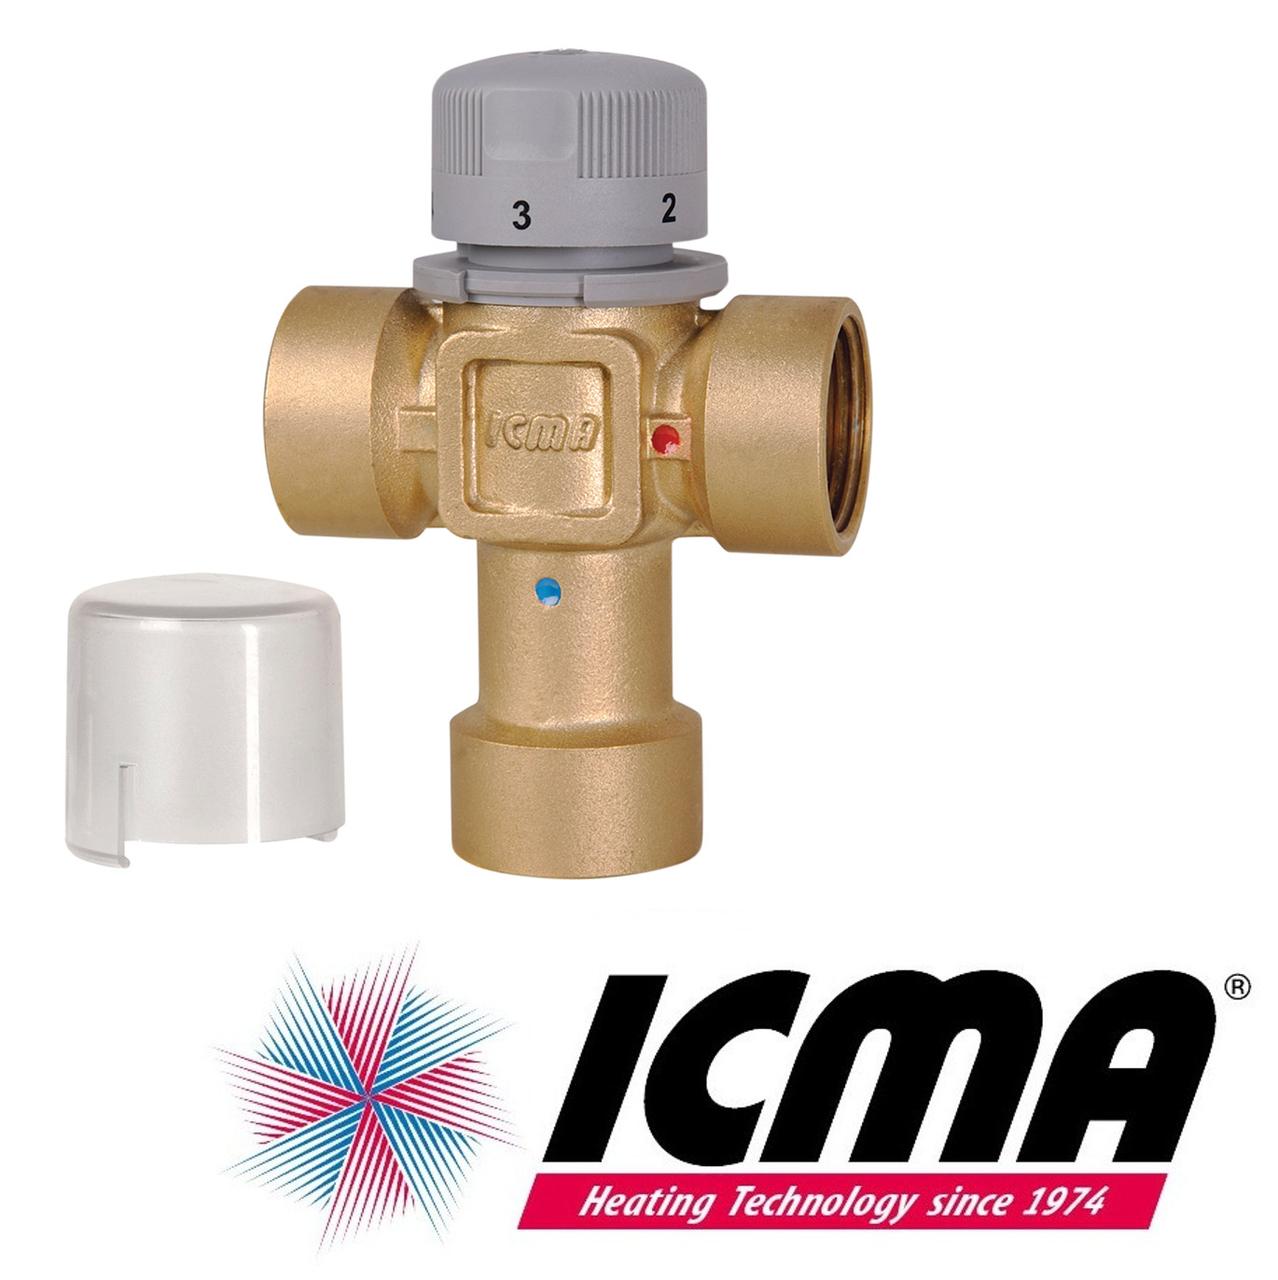 Icma сантехника отзывы купить запчасти для унитаза idol